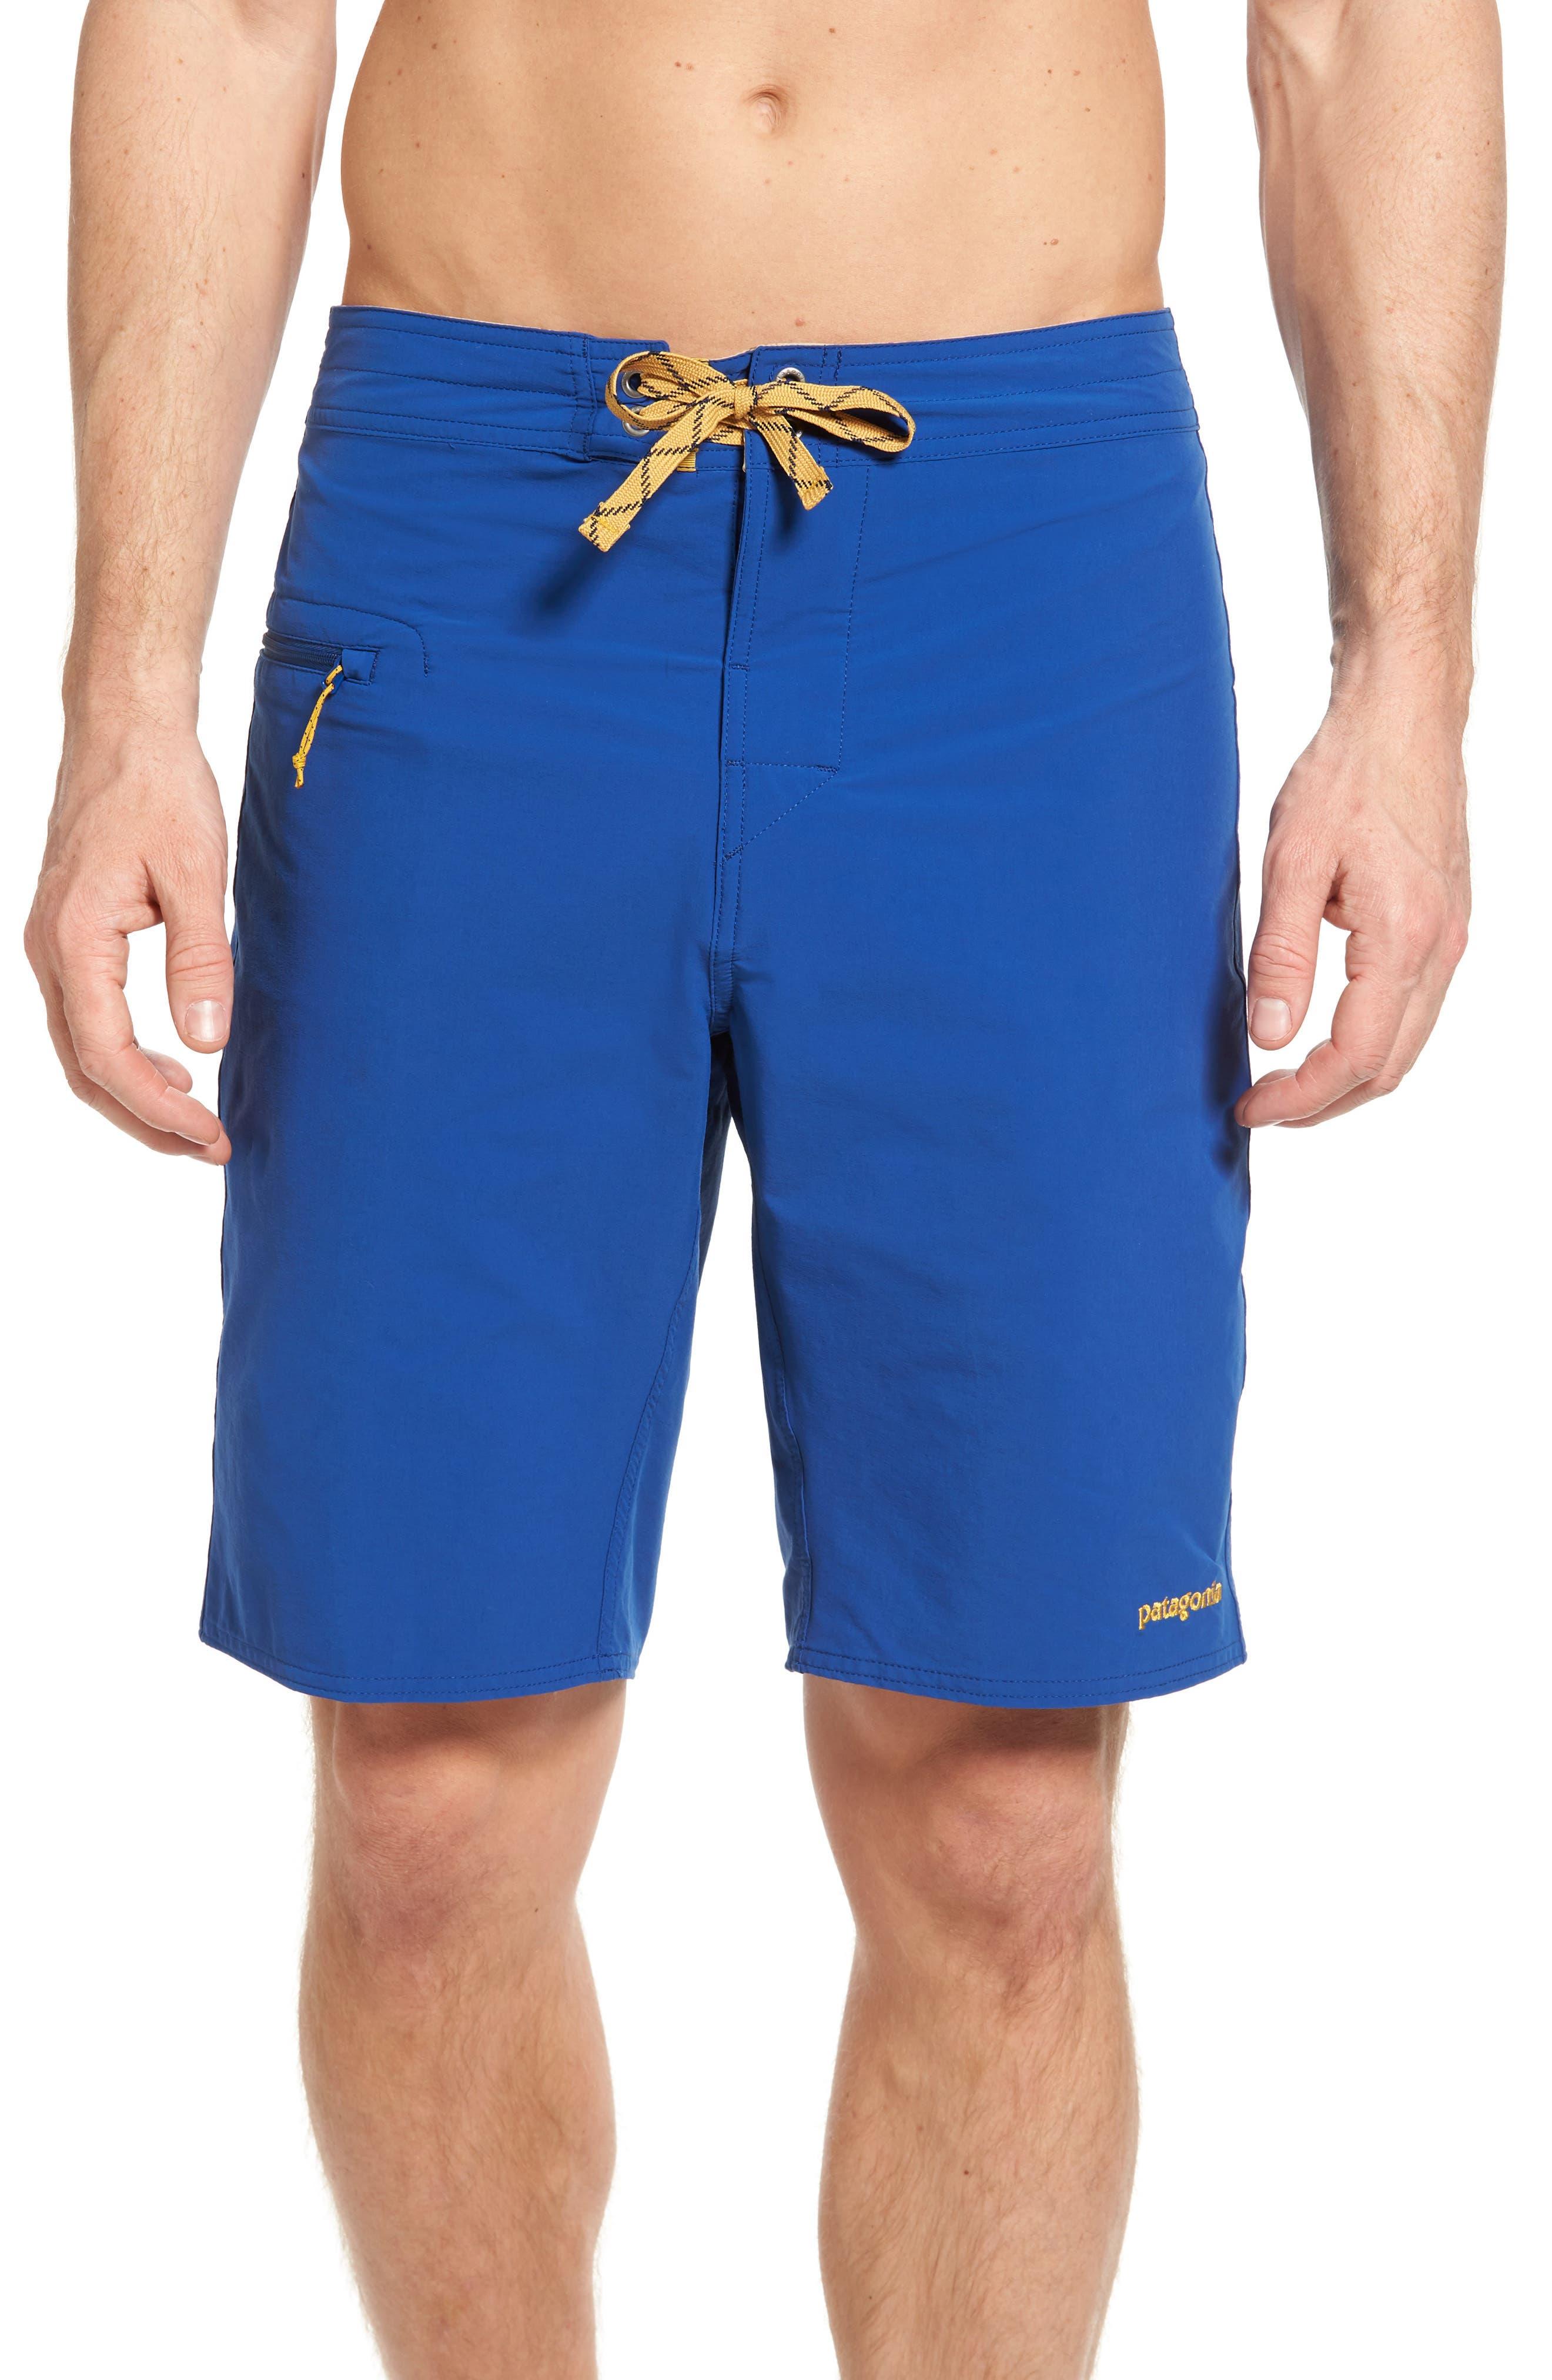 Wavefarer Board Shorts,                         Main,                         color, Blue